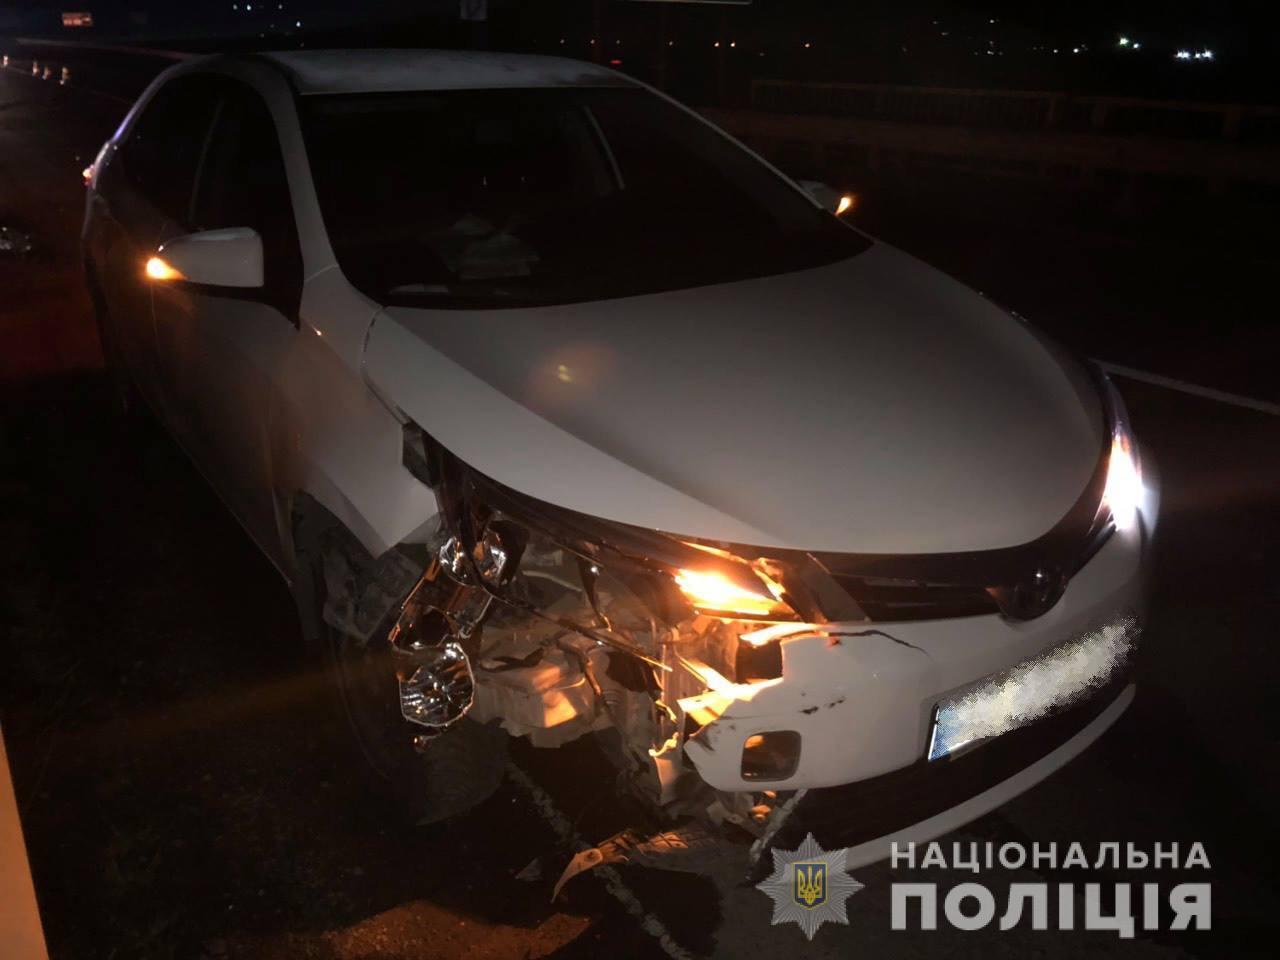 Опубліковано фото з місця смертельної ДТП на об'їзній дорозі Ужгорода, що поблизу українсько-словацького кордону